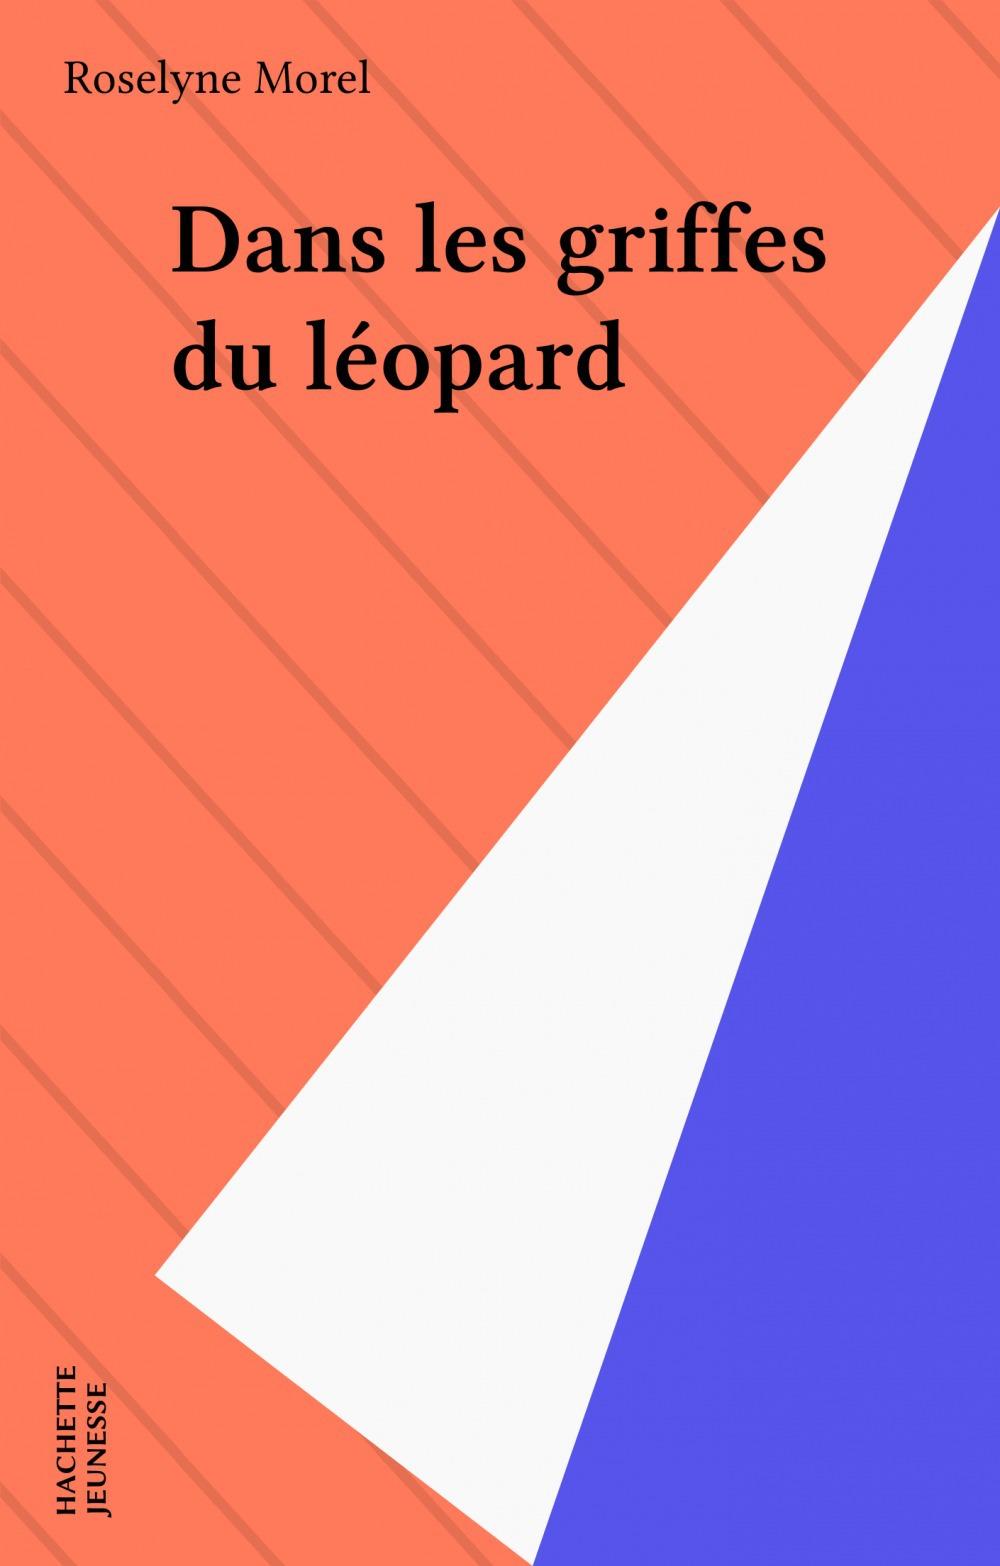 Dans les griffes du léopard